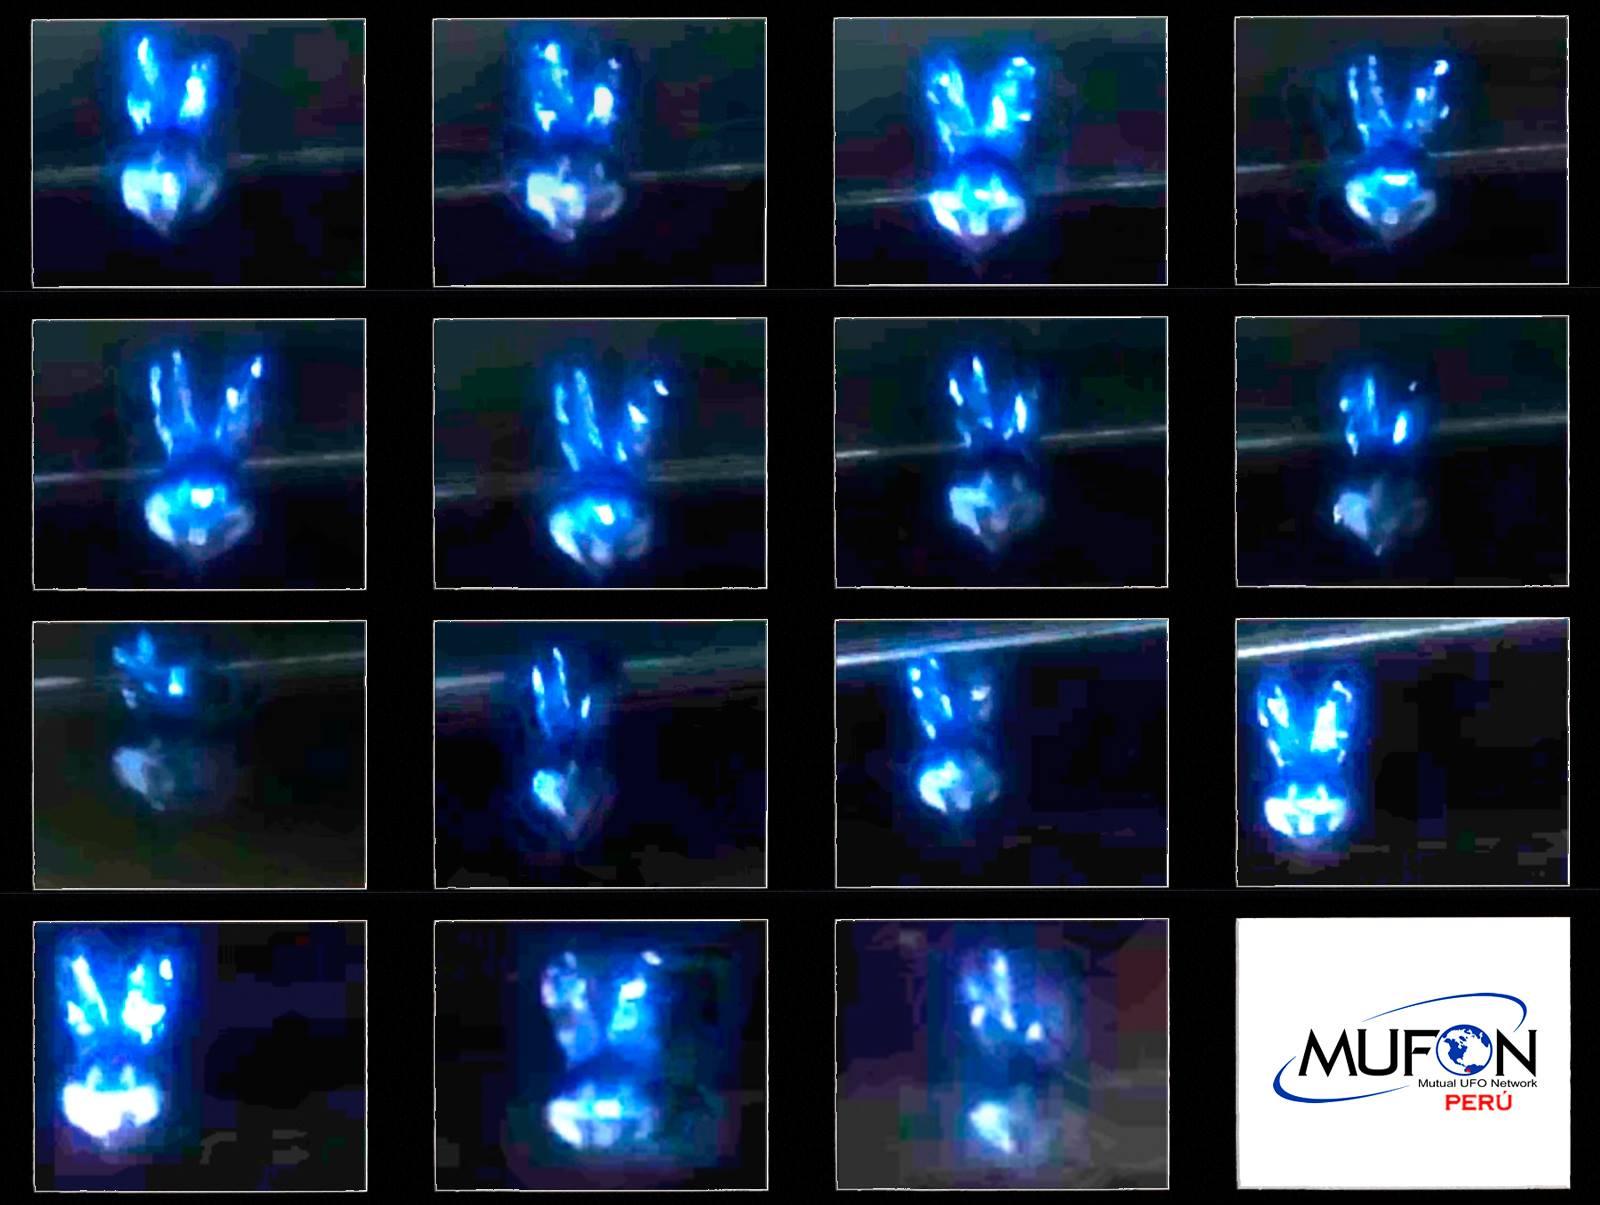 Recuento de los fotogramas que demuestran que el objeto avistado en Pachacamac no era un humanoide, ERA UN GLOBO DE HELIO.